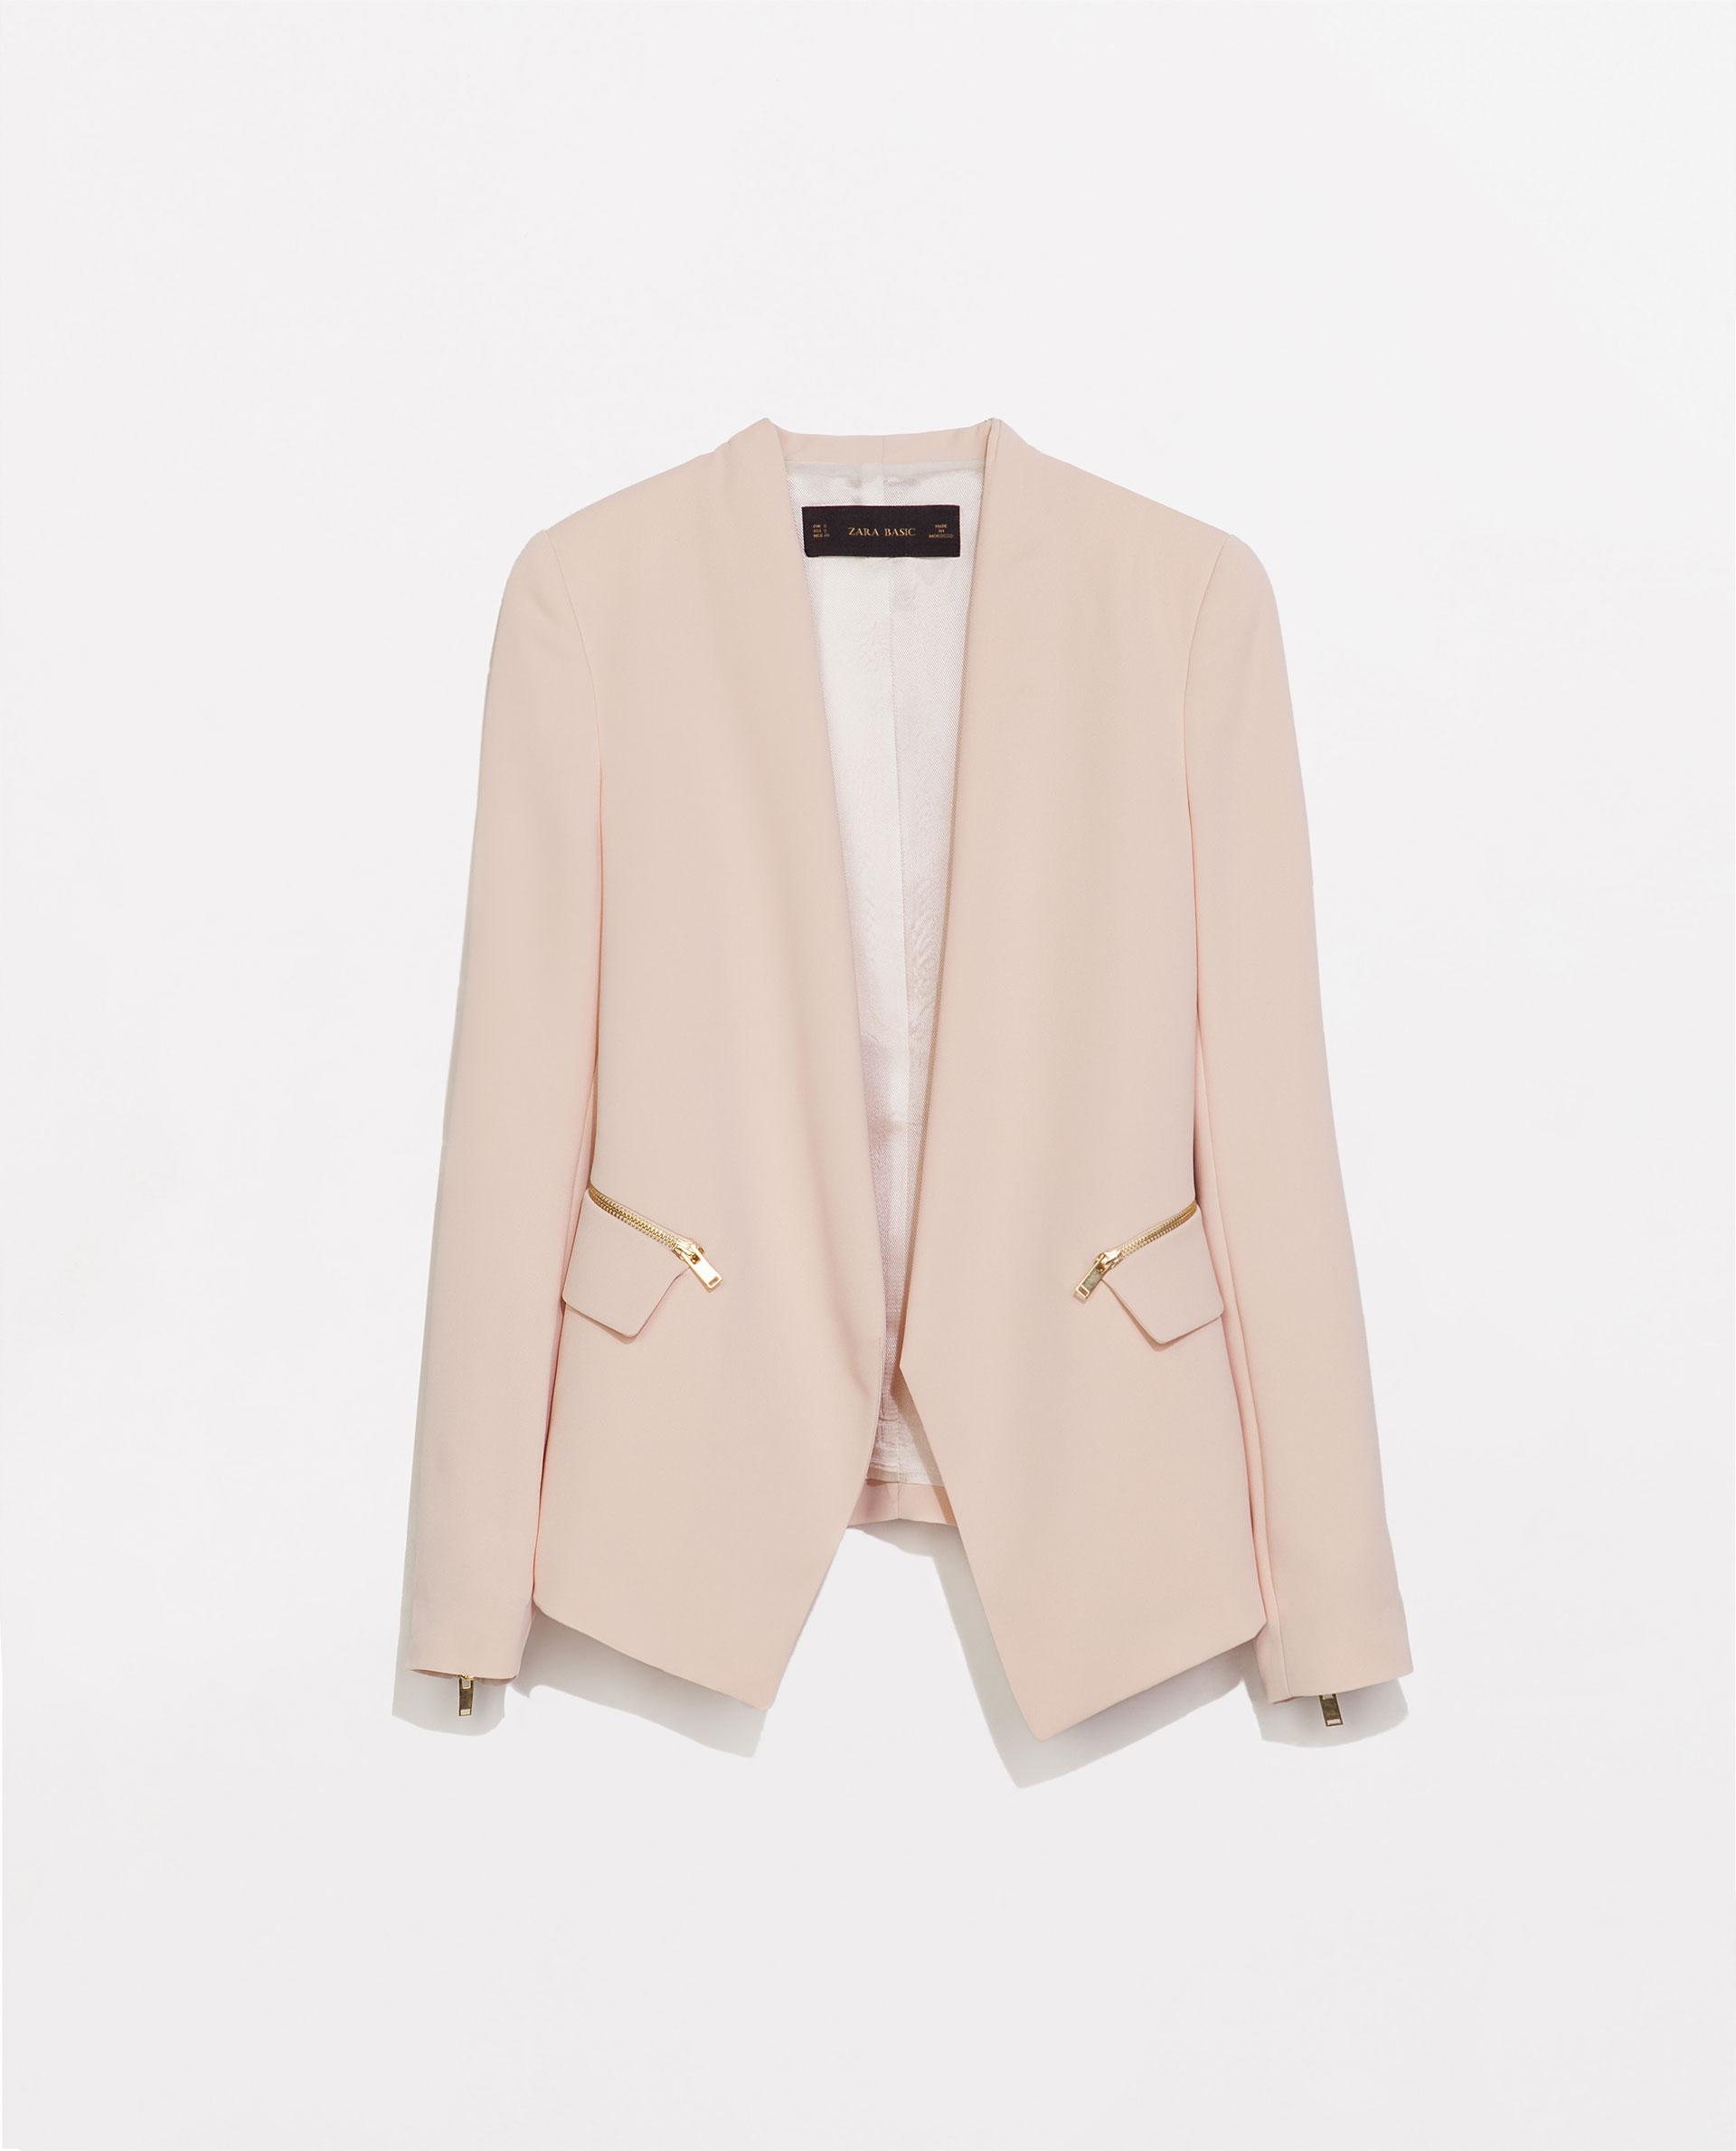 Zara, Striped Blazer with Zips, £69.99